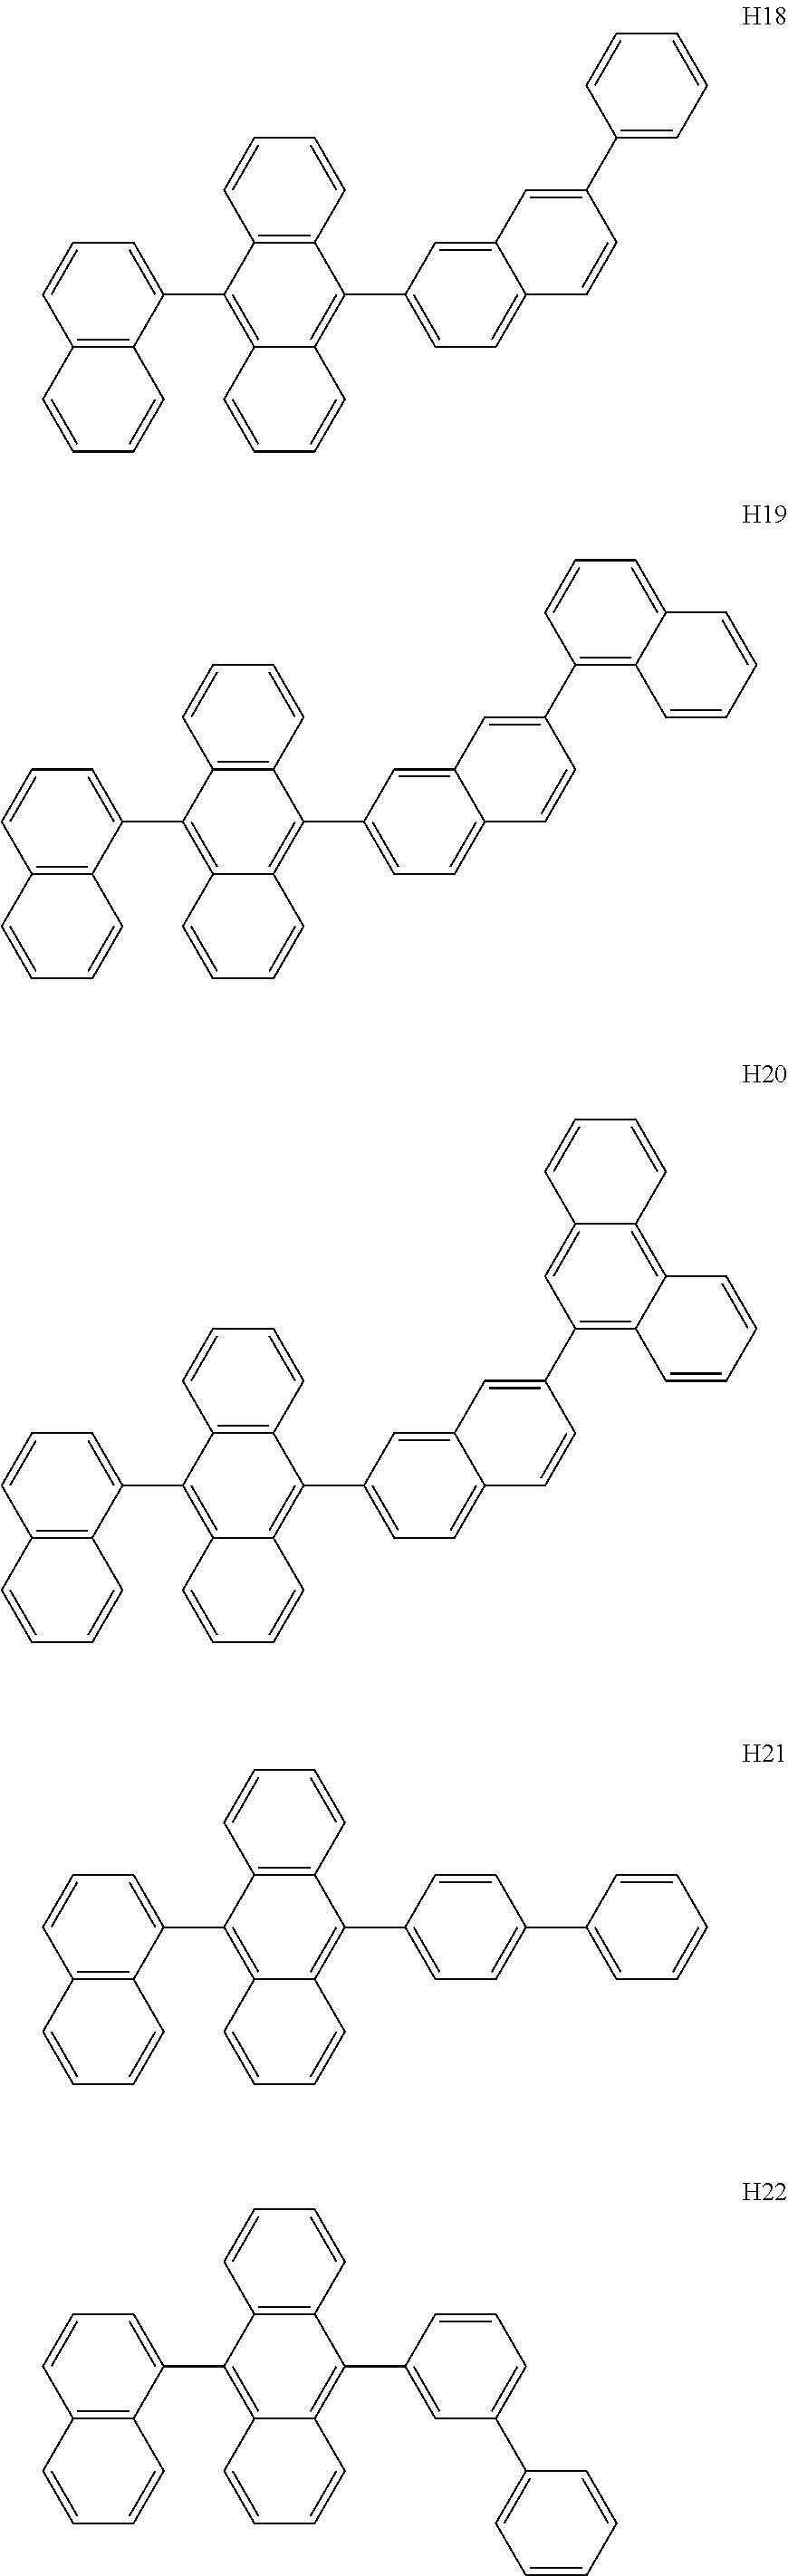 Figure US20160155962A1-20160602-C00235